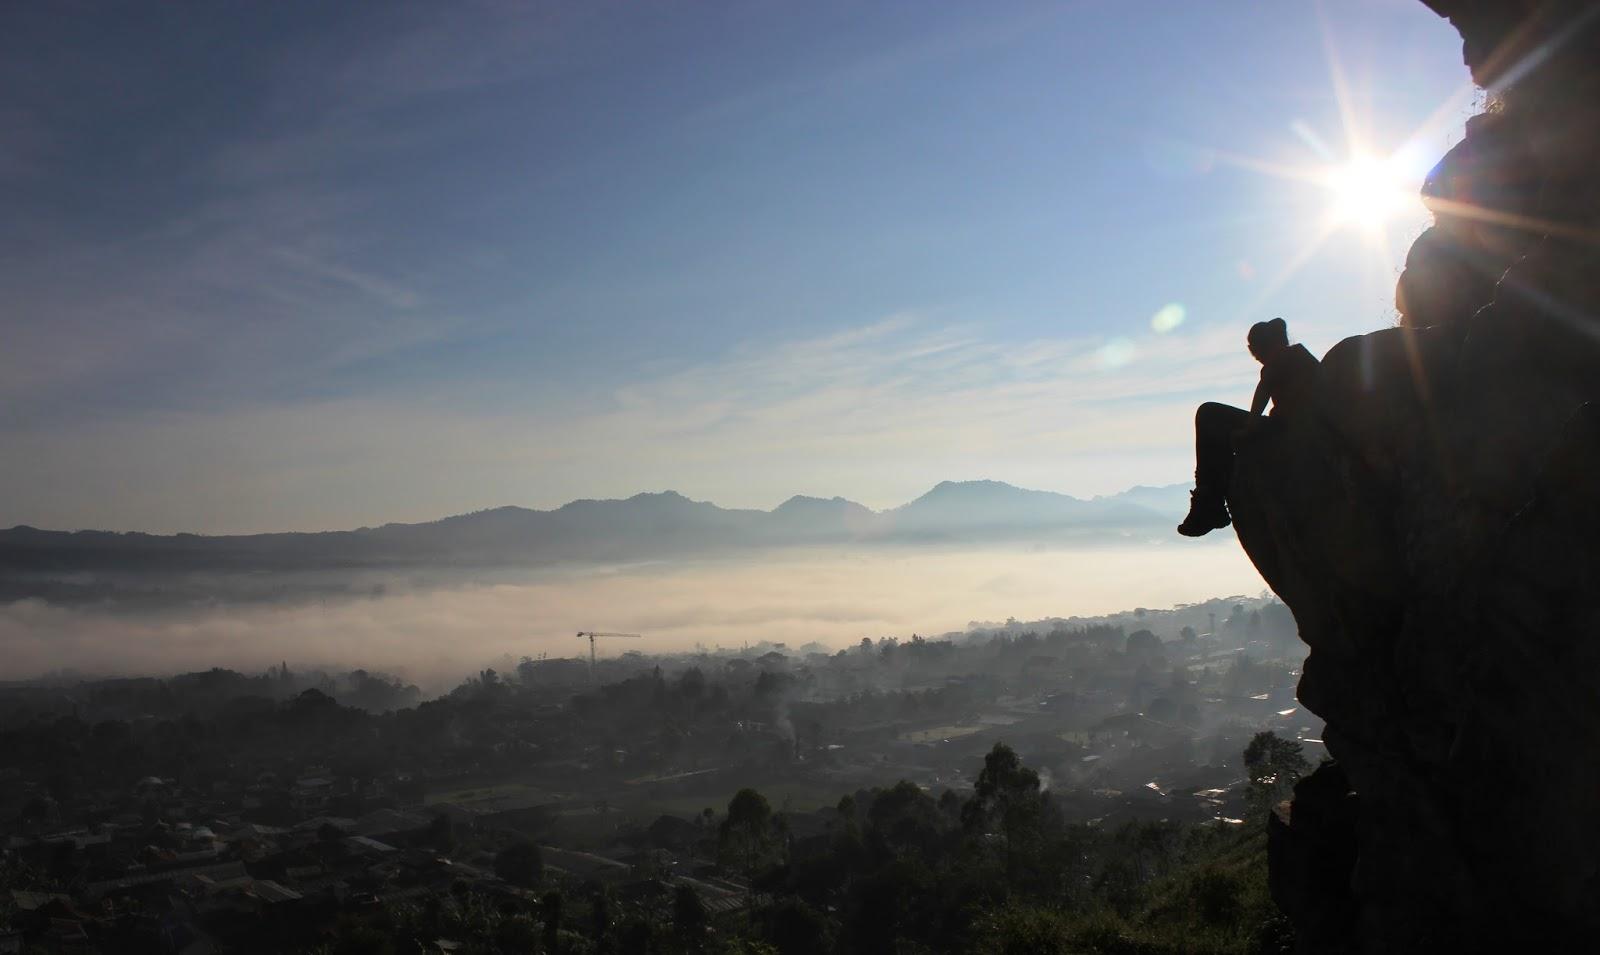 Berita Terakurat Terbaru –  Wisata Bandung Kekinian – tempat wisata alam di Bandung – tempat wisata di Lembang Bandung – tempat wisata di Bandung yang murah – tempat wisata anak di Bandung – tempat wisata gratis di Bandung – tempat wisata di Bandung dan sekitarnya – Bandung tempat menarik.